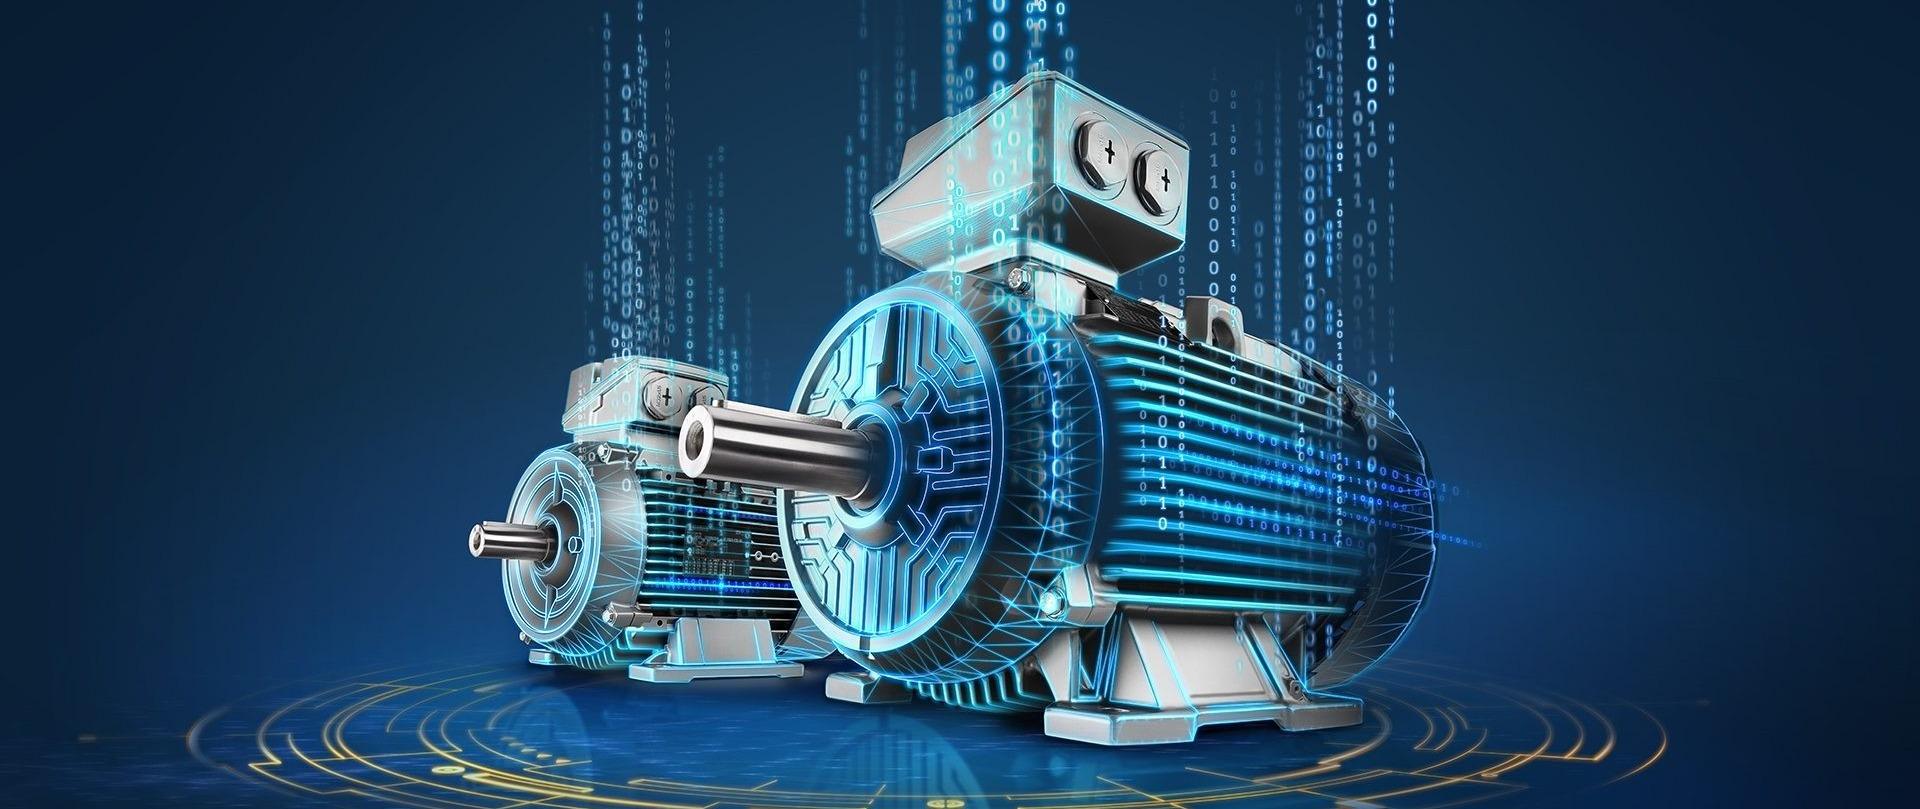 Manutenção e gestão de ativos industriais: Motor Elétrico - (softwareBD Motor)